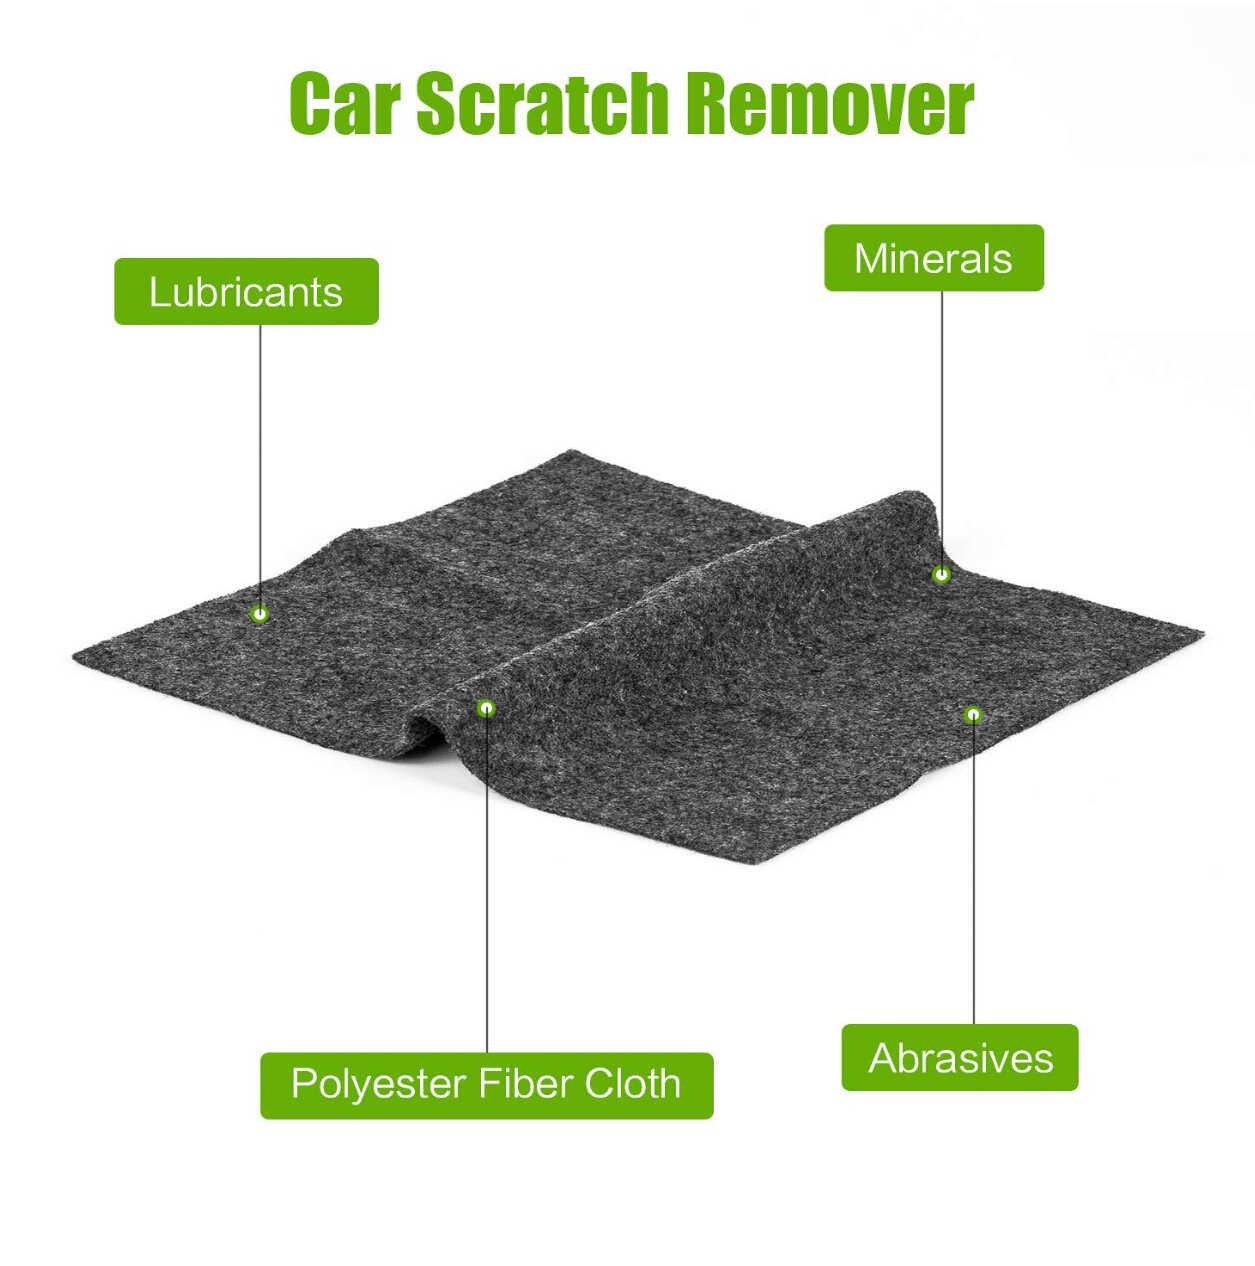 Автомобильный инструмент для ремонта царапин ткань для удаления краски Авто для Лада Гранта, калина vesta priora largus 2110 niva 2107 2106 2109 vaz samara